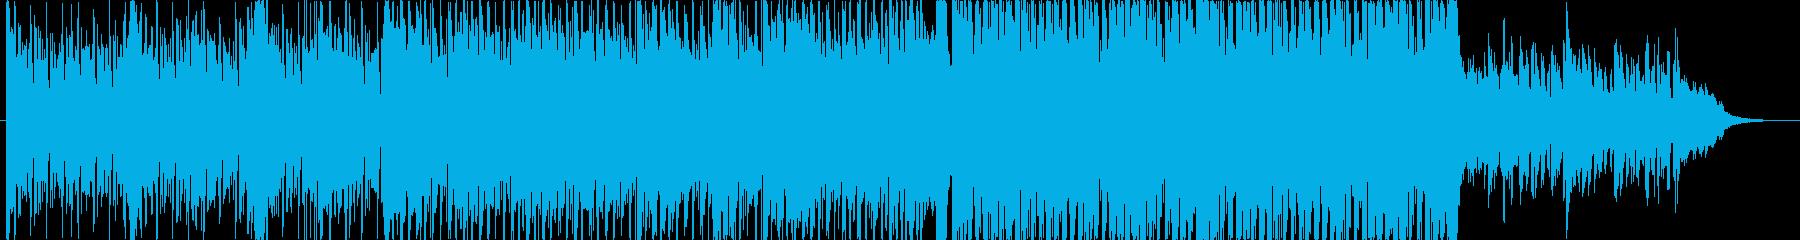 エレピとピアノによるメロディアスなハウスの再生済みの波形